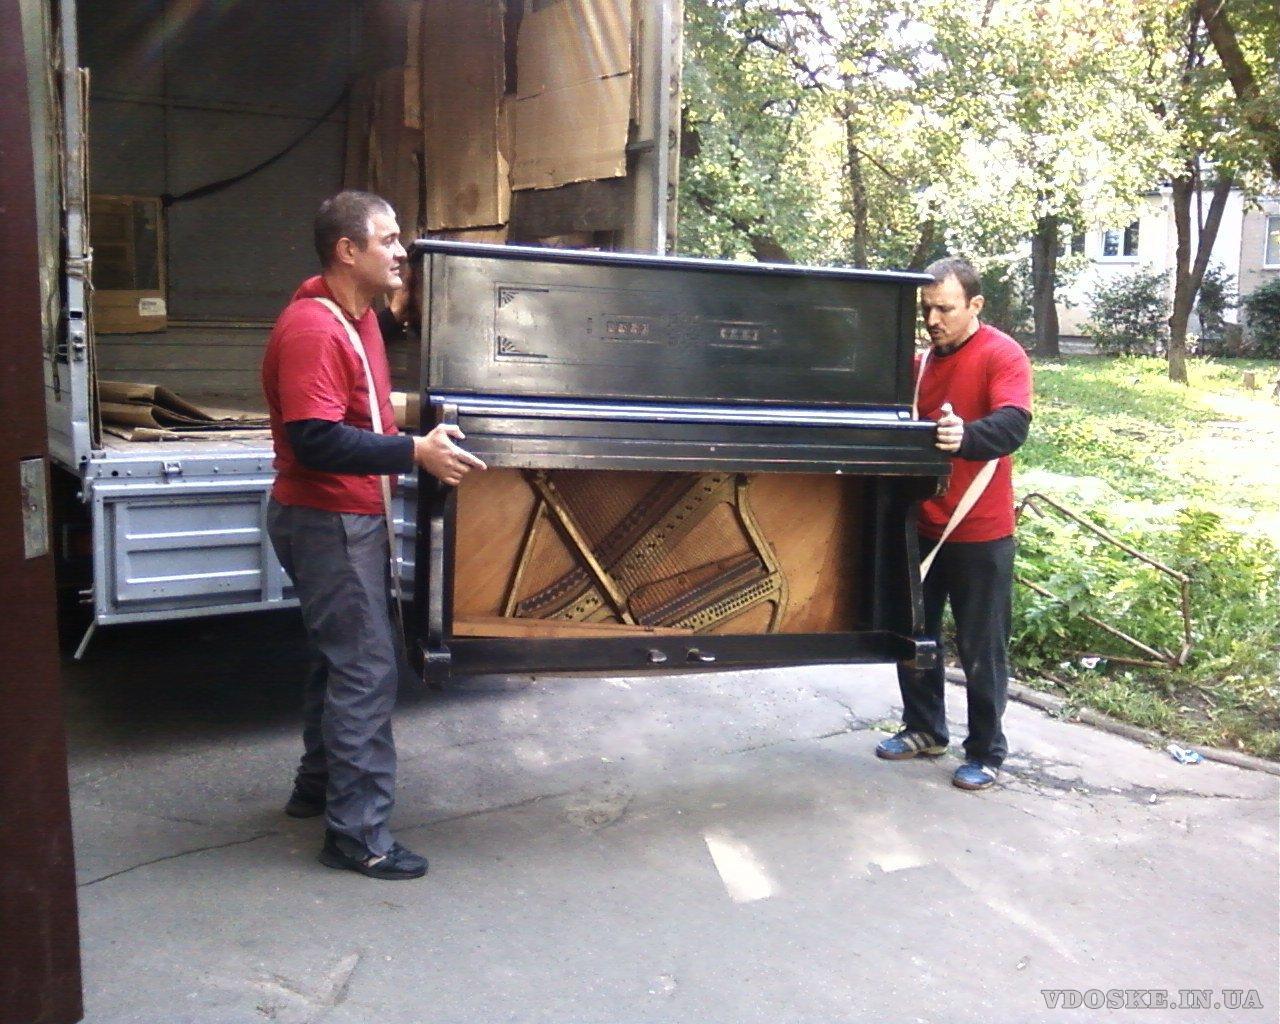 услуги грузчиков выгрузка фур вагонов любые разгрузочные роботы (3)